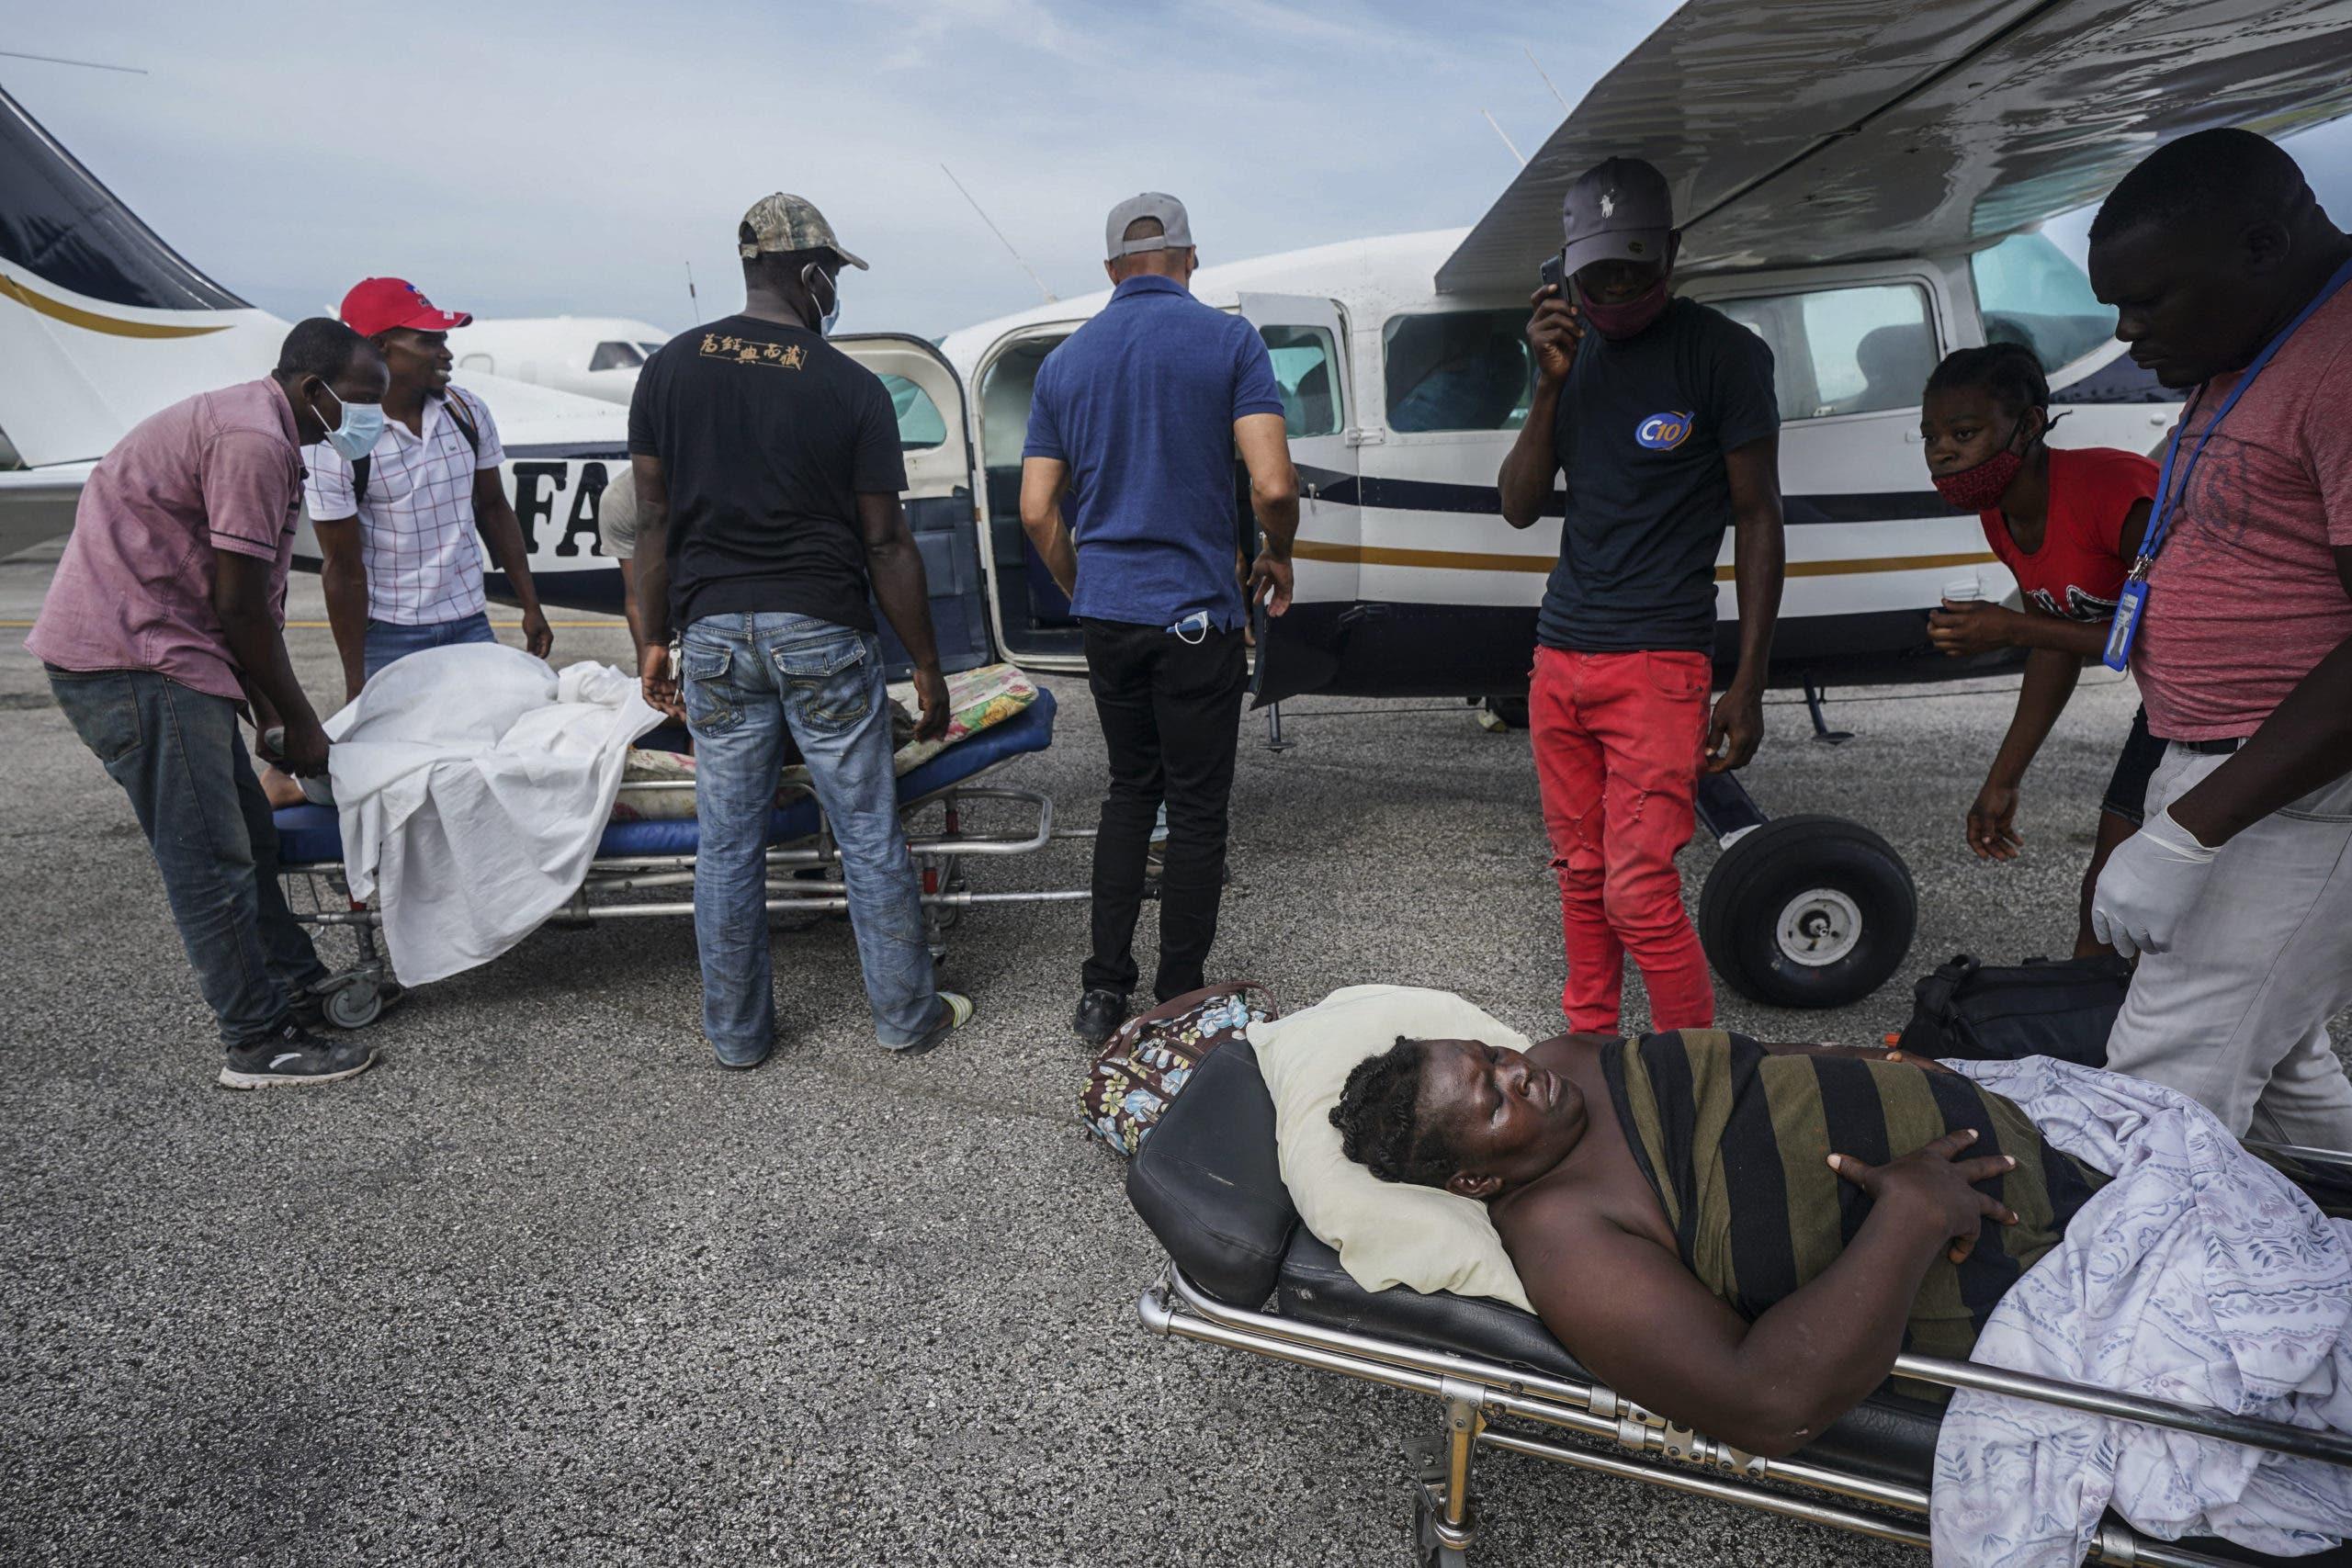 Secuestran a dos médicos en Haití; hospital cierra en protesta